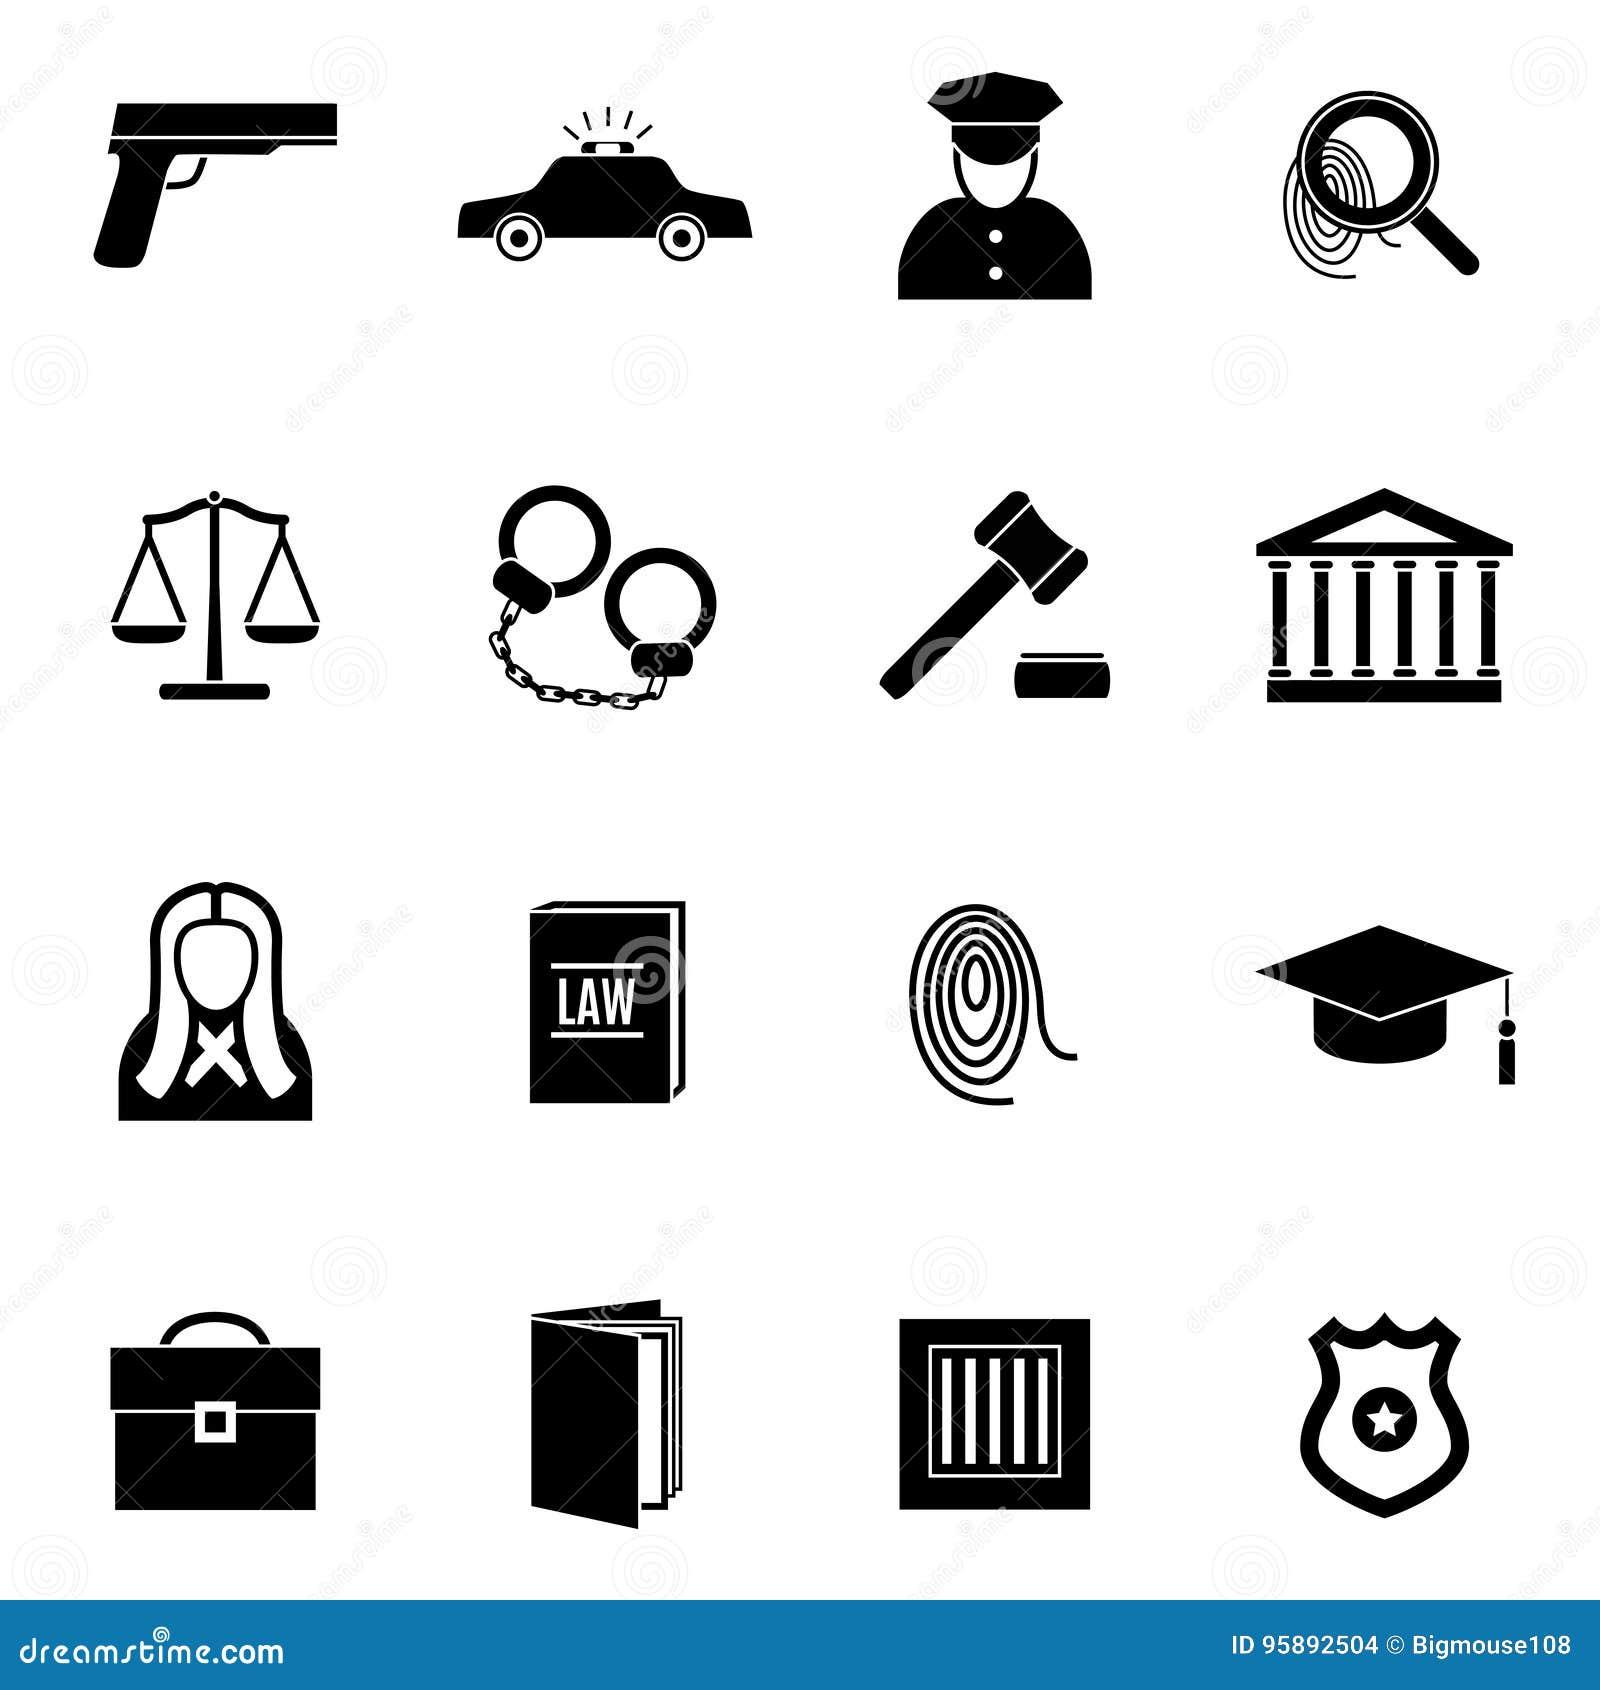 Svart lag och rättvisa Icon Set för kontur vektor